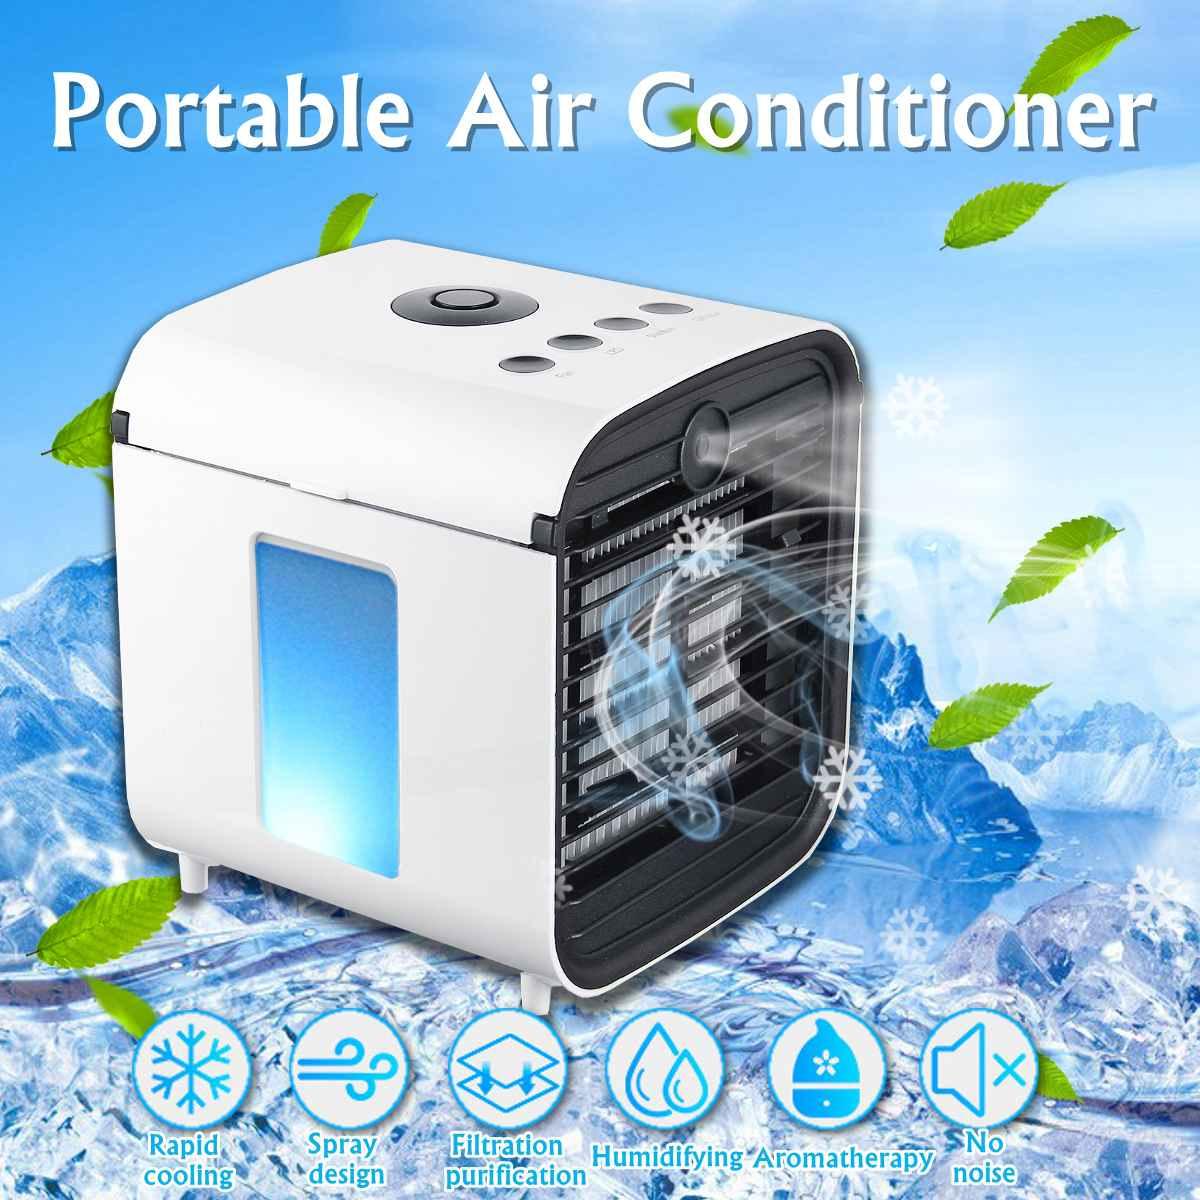 Conveniente Ventilador Refrigerador de Ar Portátil Digital Umidificador Espaço Fácil Fresco Purifica O Ar Ventilador de Refrigeração Do Condicionador de Ar para Home Office